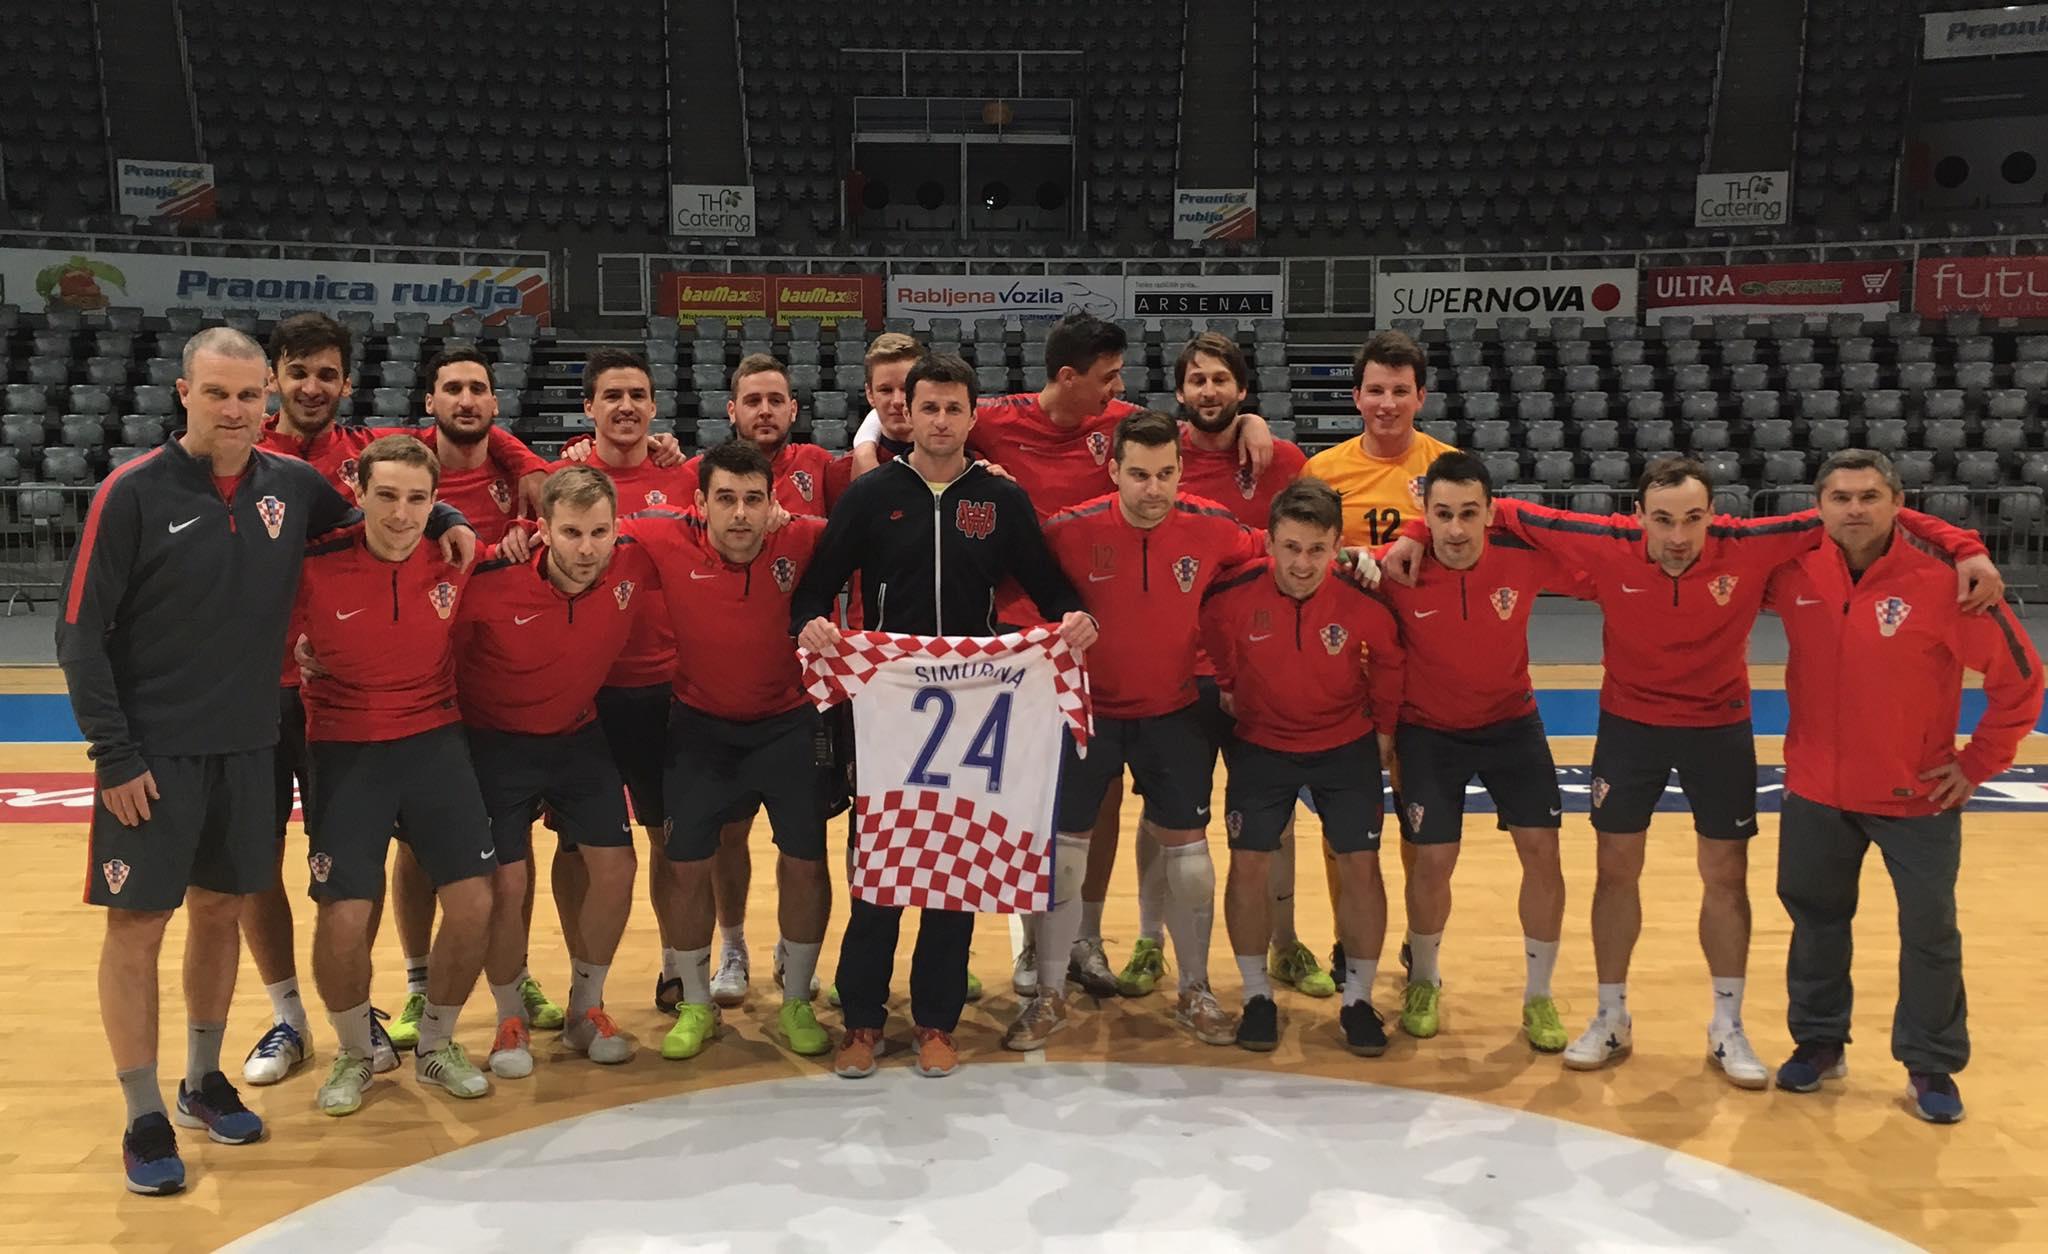 M. Šimurina: Dobivanjem futsal centra počinje pravi preporod zadarskog malog nogometa